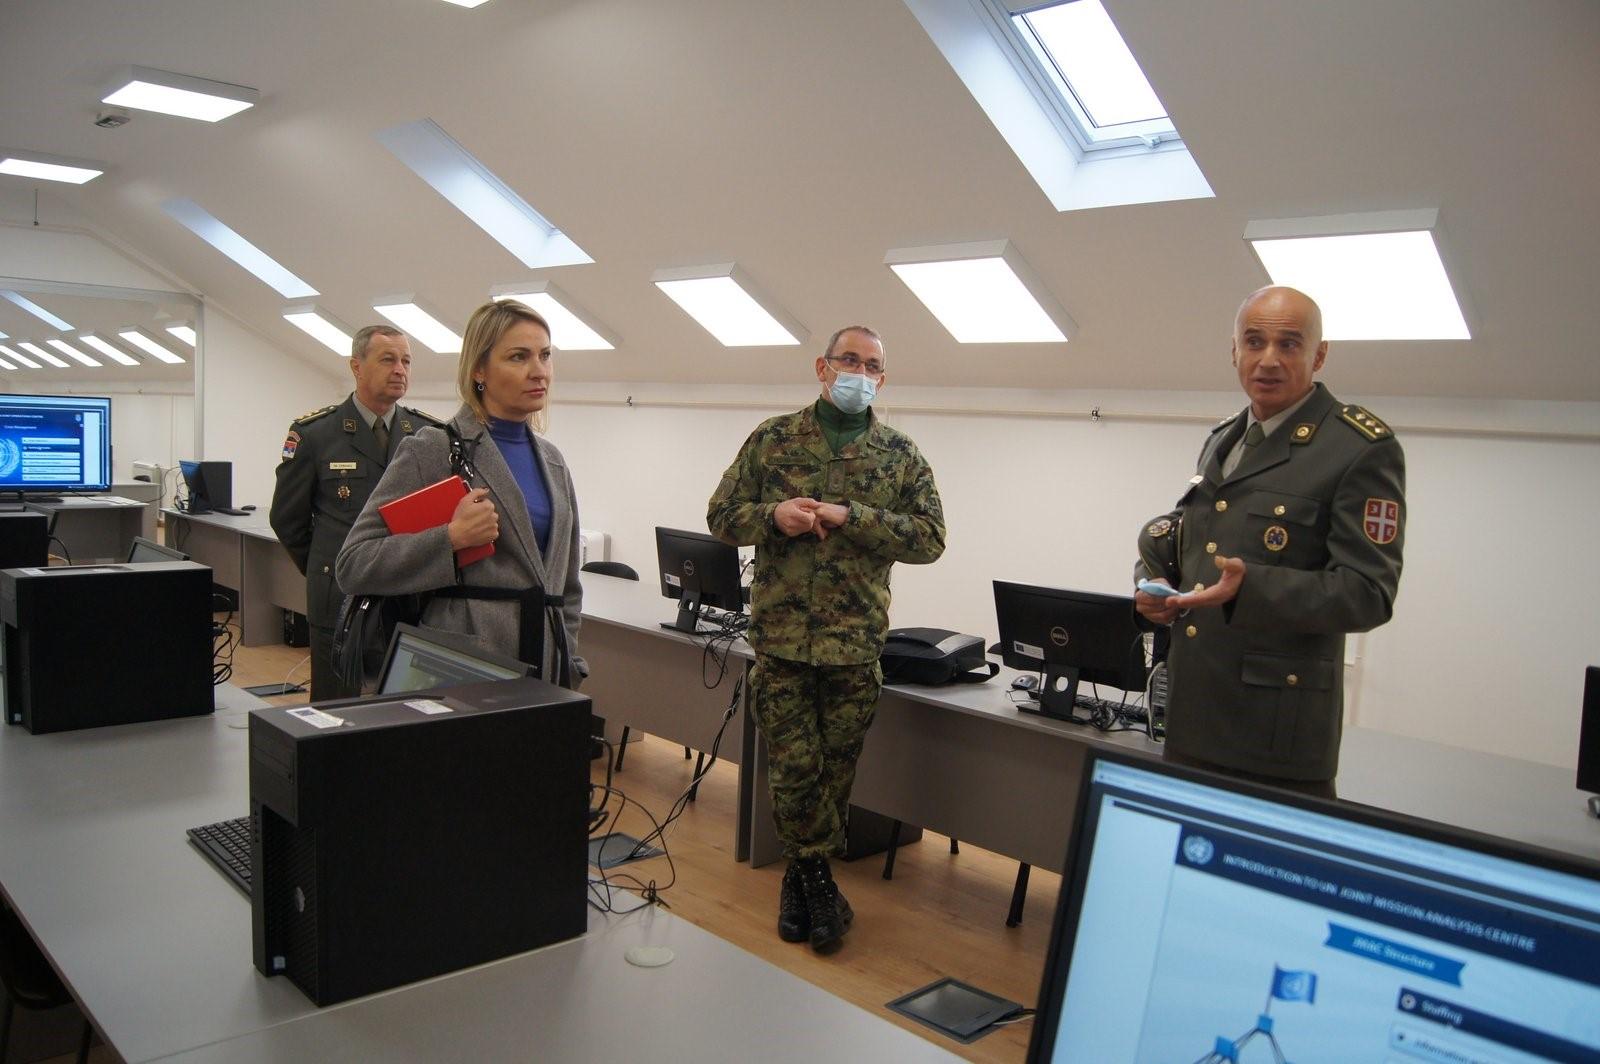 Делегација Сектора за људске ресурсе МО посетила је Школу националне одбране Универзитета одбране